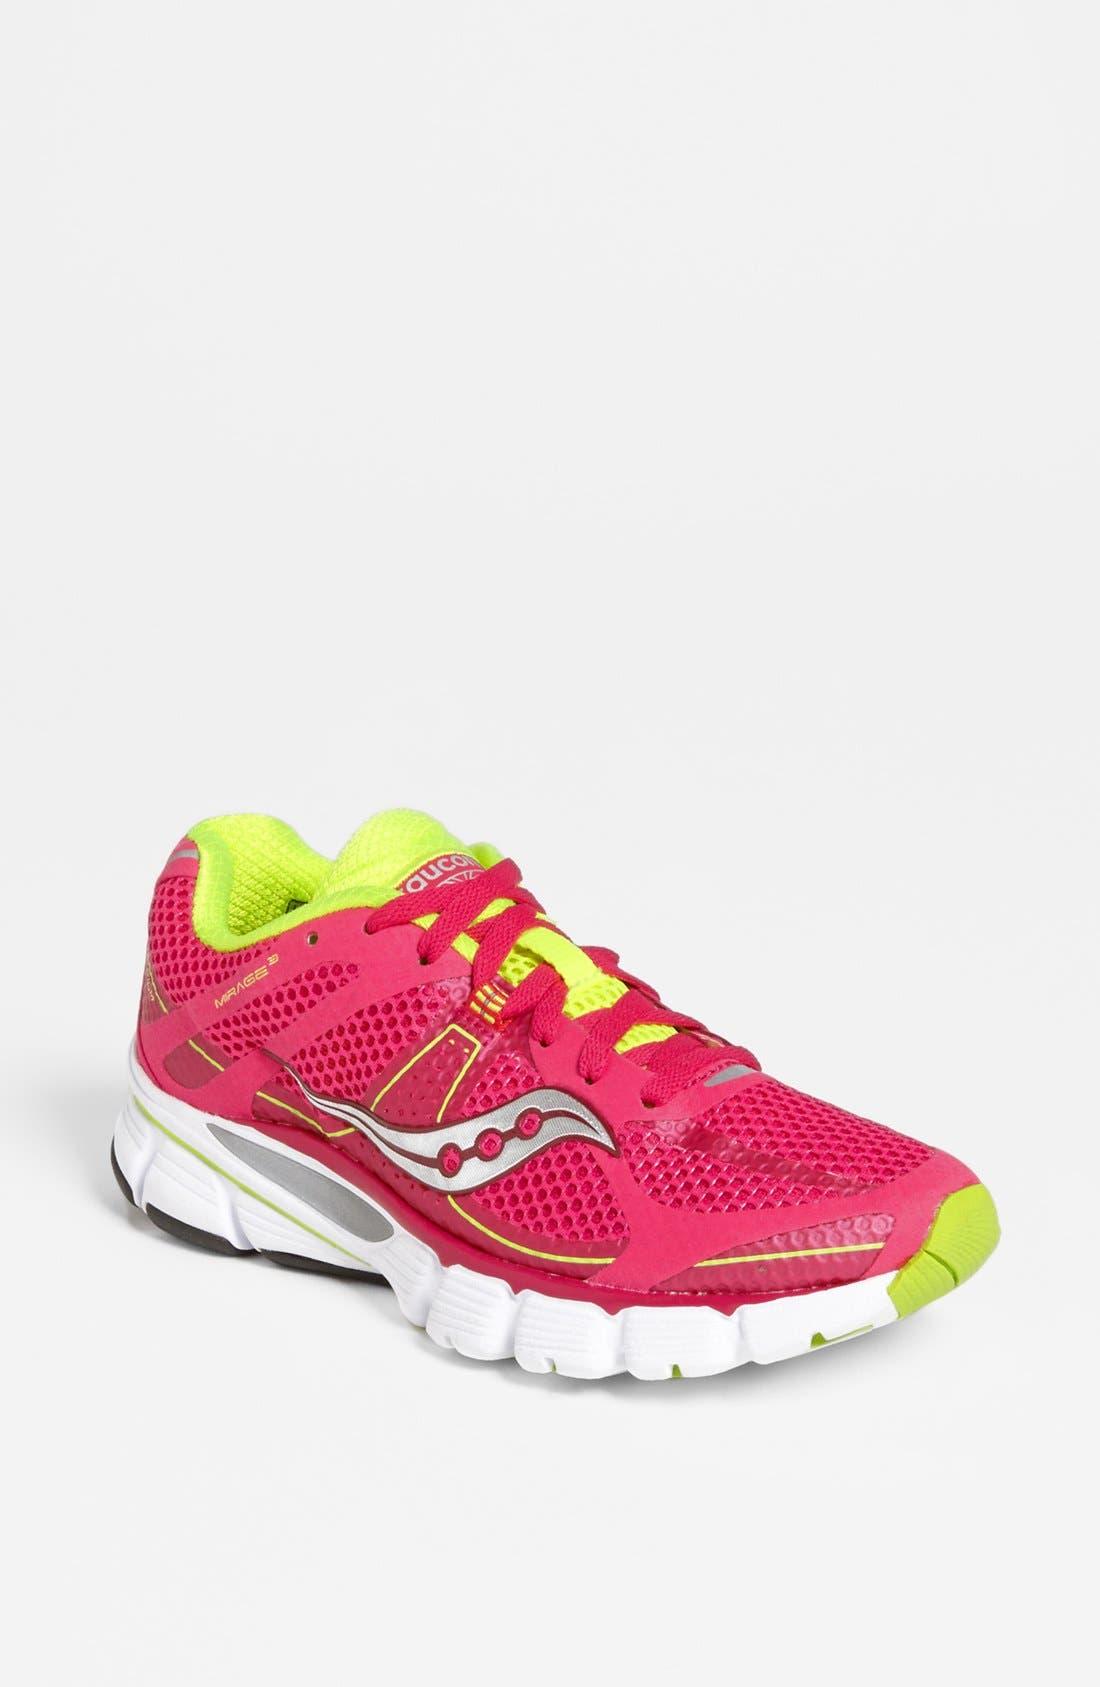 Alternate Image 1 Selected - Saucony 'Mirage 3' Running Shoe (Women) (Regular Retail Price: $109.95)